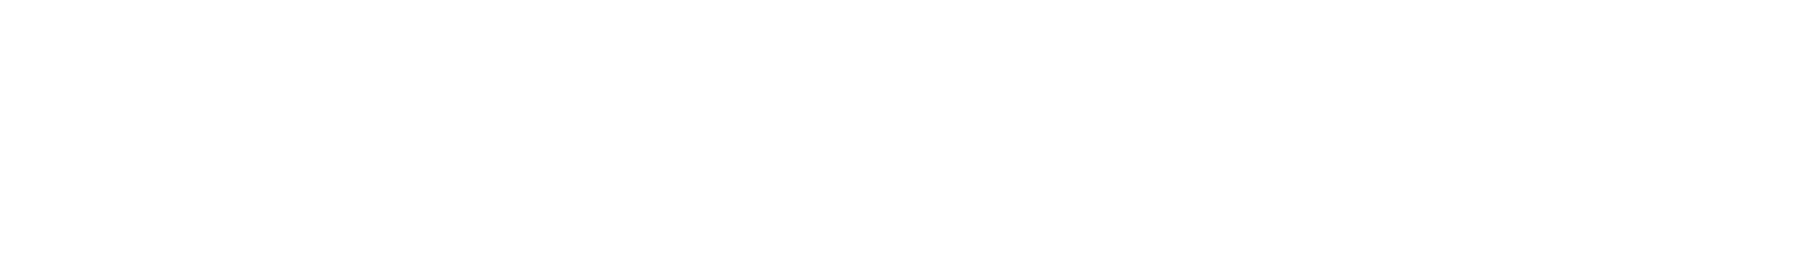 syn13 177